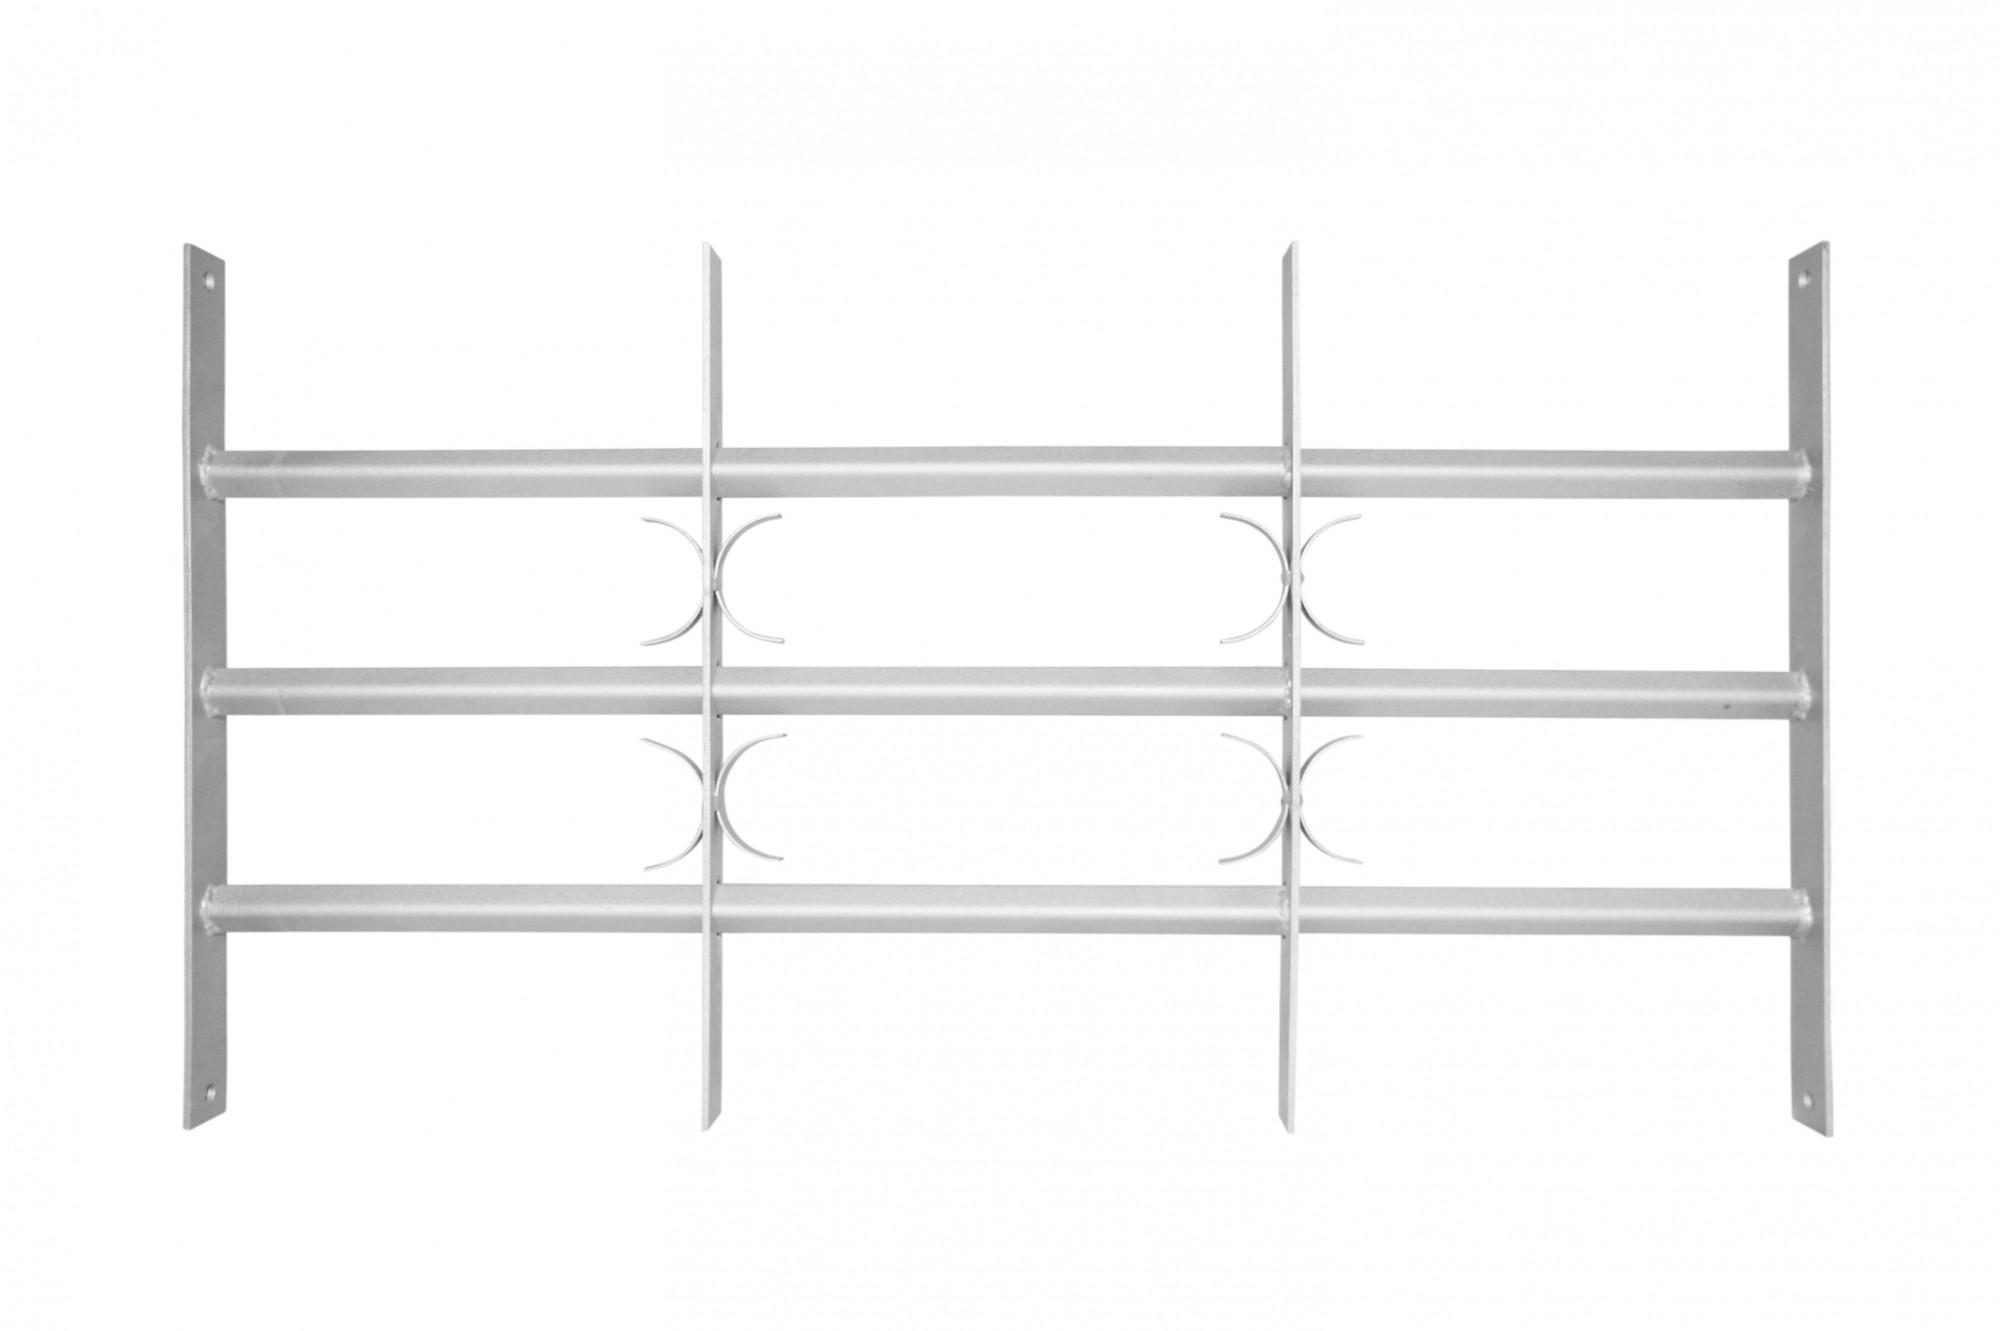 fenstergitter sicherheitsgitter verstellbar ausziehbar. Black Bedroom Furniture Sets. Home Design Ideas